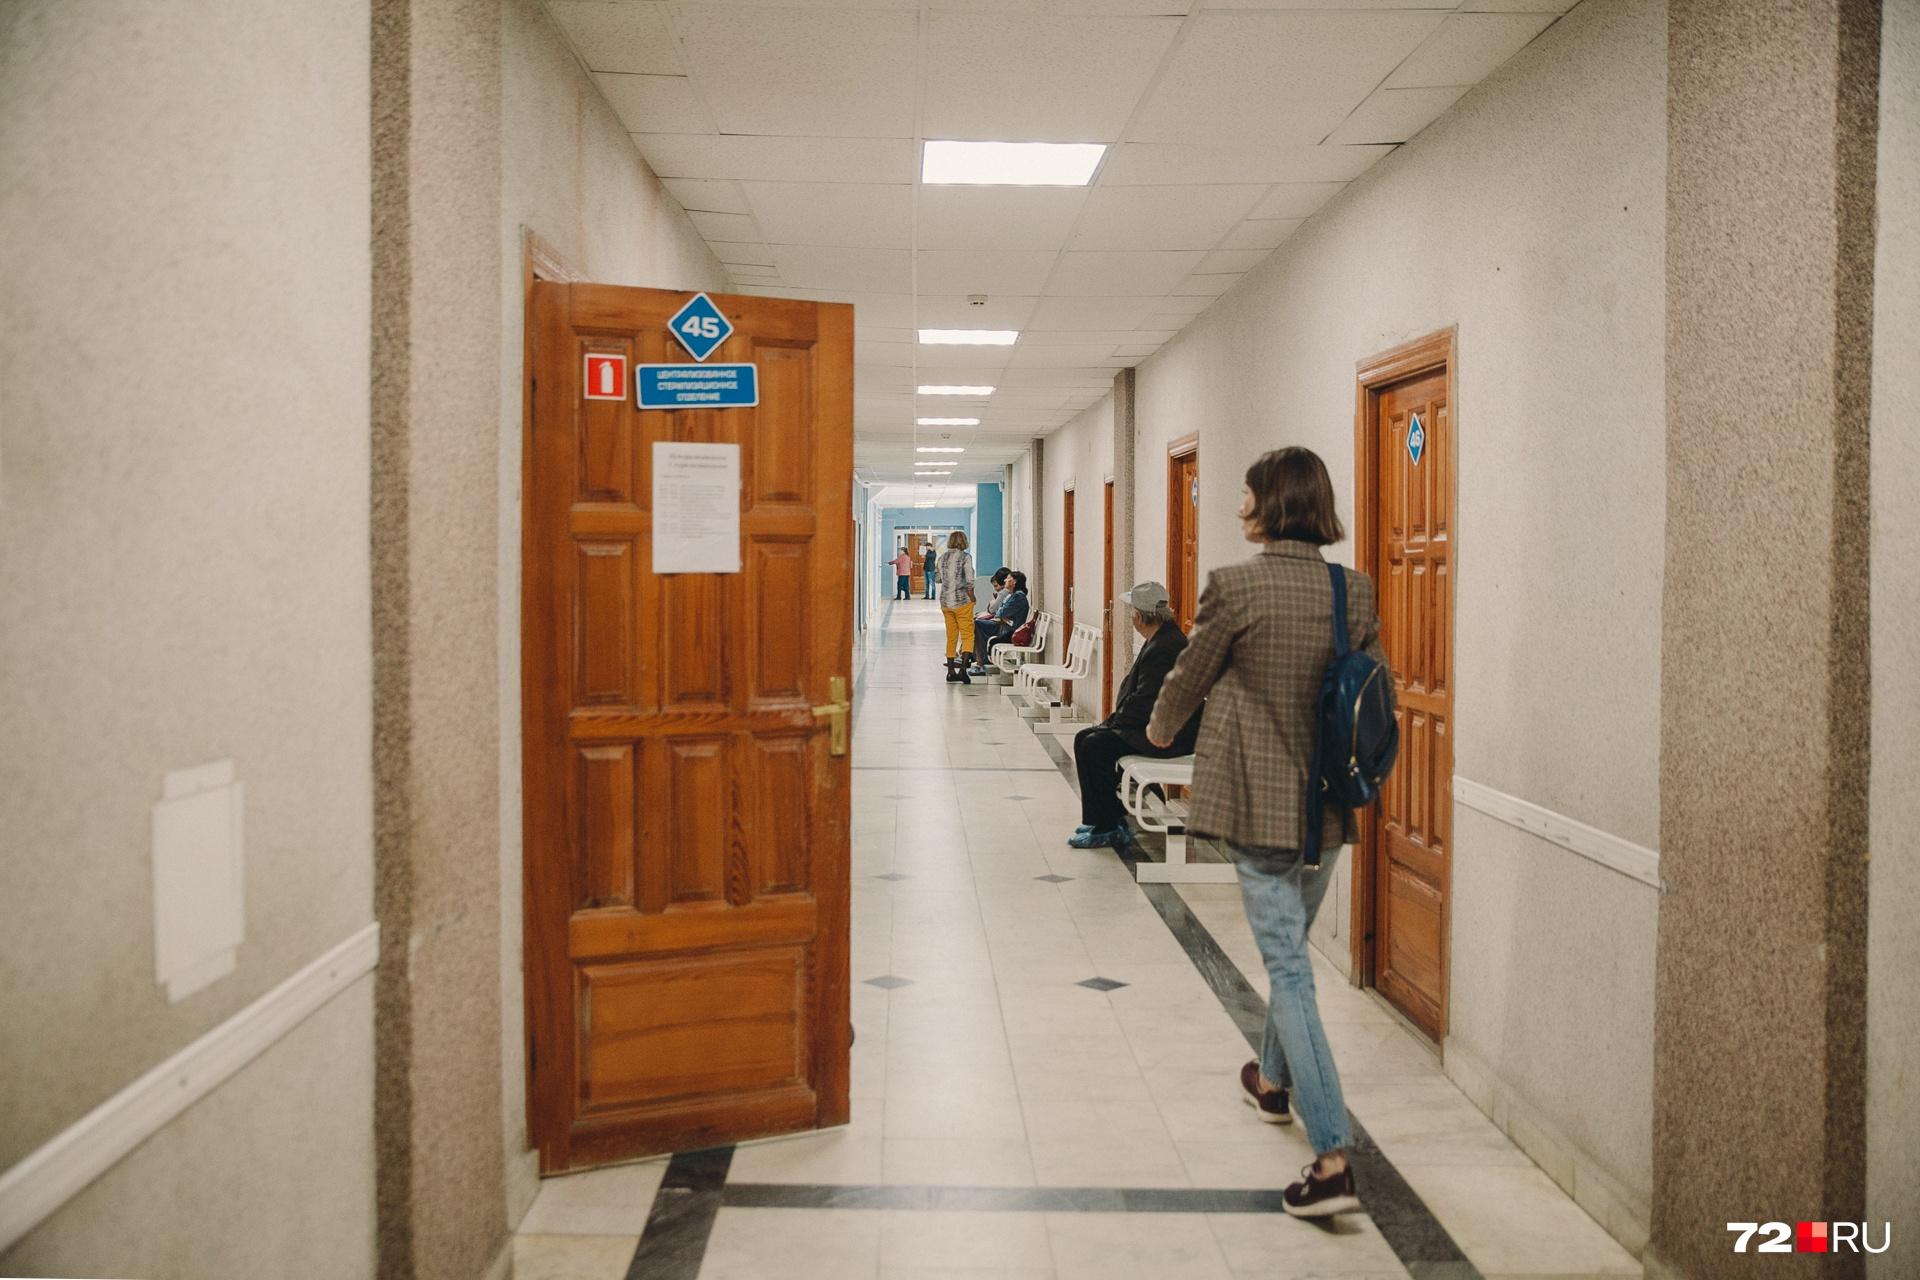 По совету сотрудников регистратуры мы добрались до четвертого этажа, побеседовали с пациентами. Спустя 15 минут нас настиг охранник. Отругал за то, что мы здесь оказались